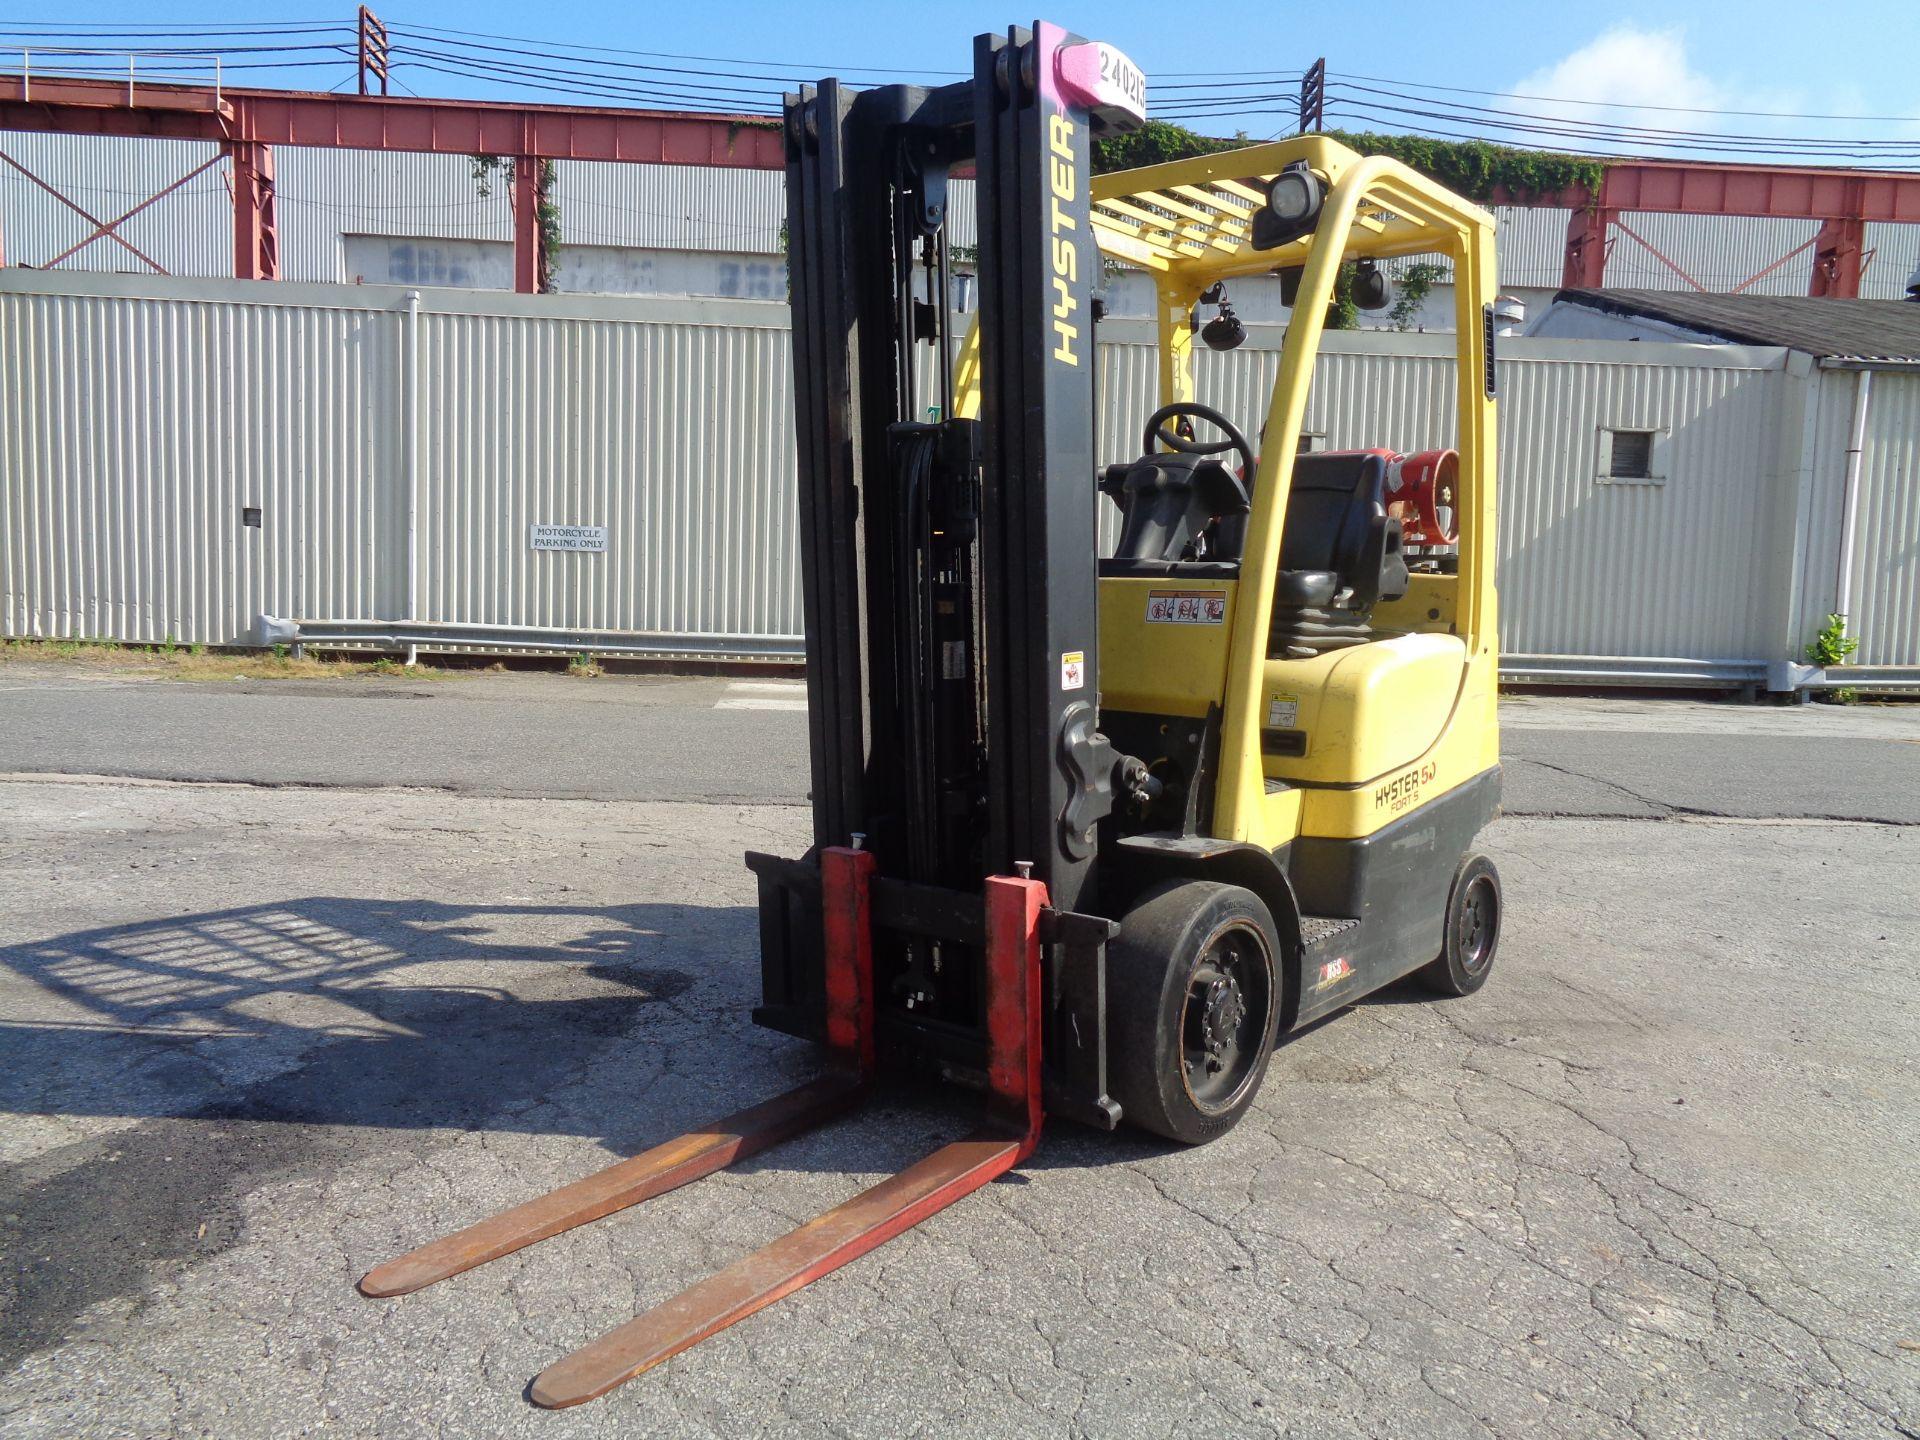 2015 Hyster S50FT 5,000 lb Forklift - Image 2 of 17